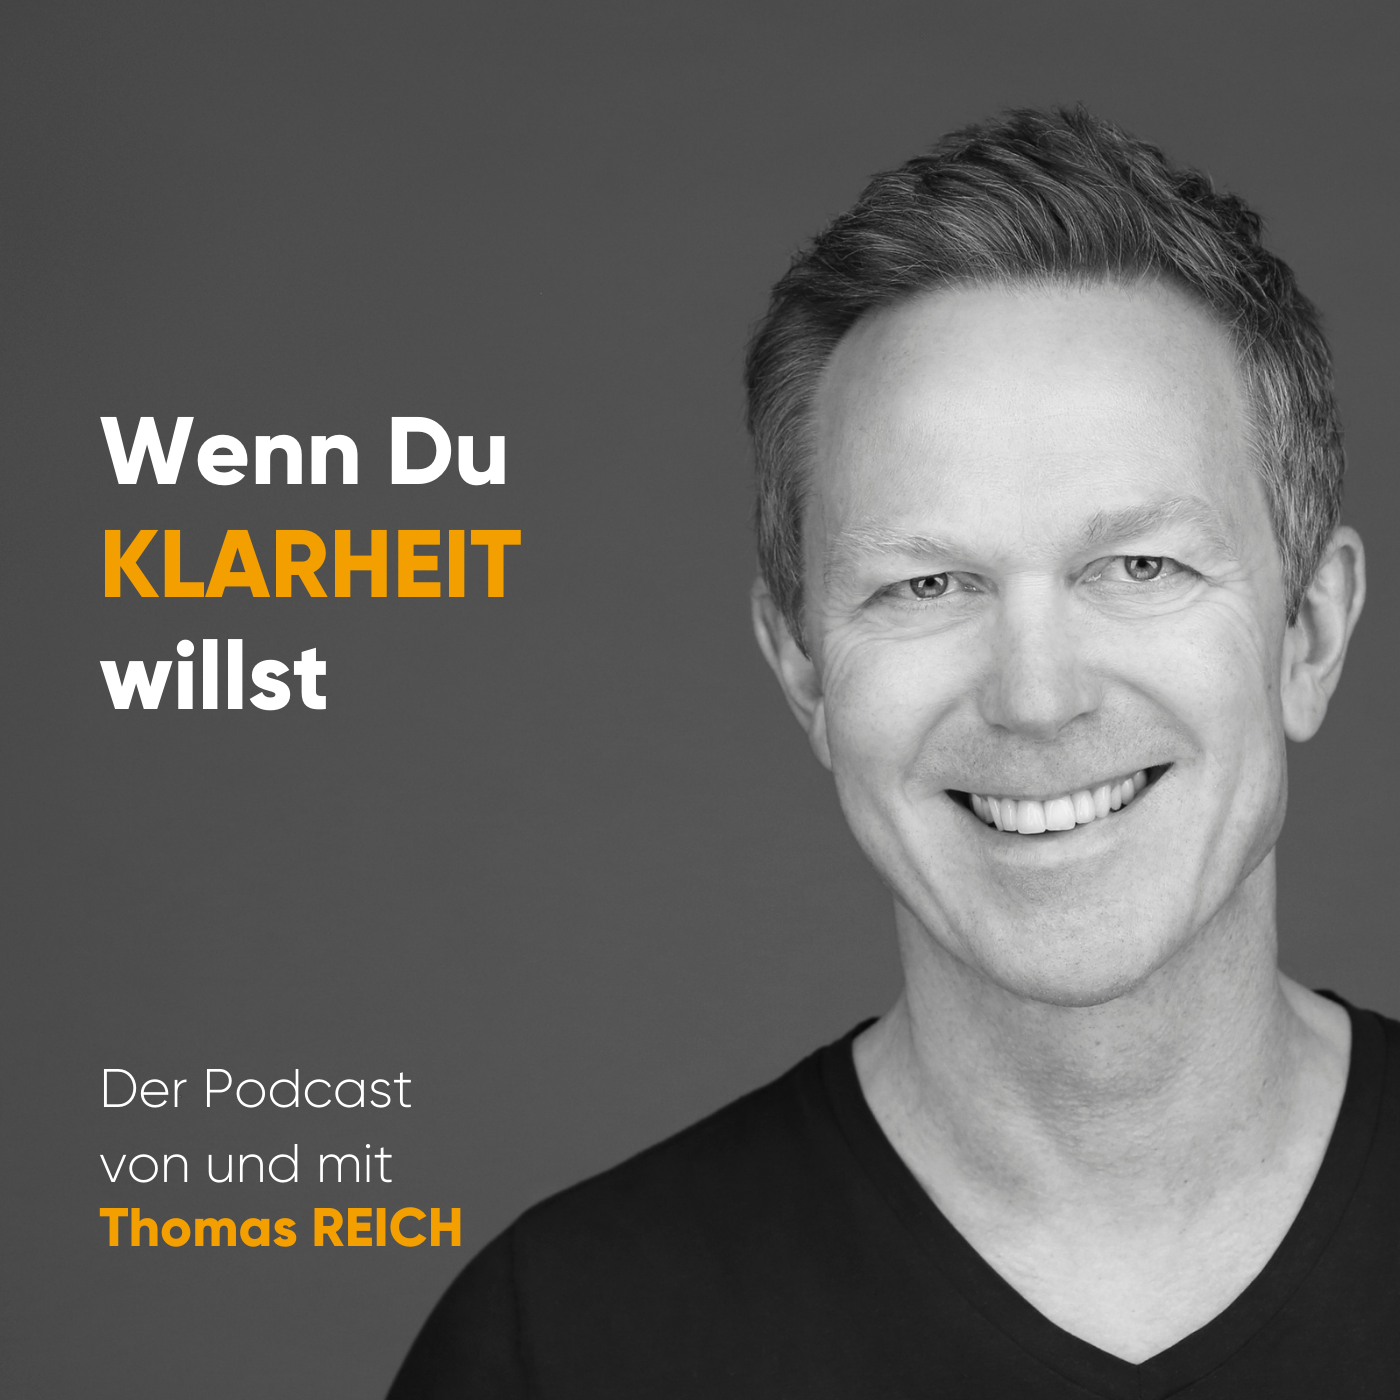 #857 - Christian Ebener im Interview - 4 Quadratmeter Freiheit - Abenteuer und Freiheit show art